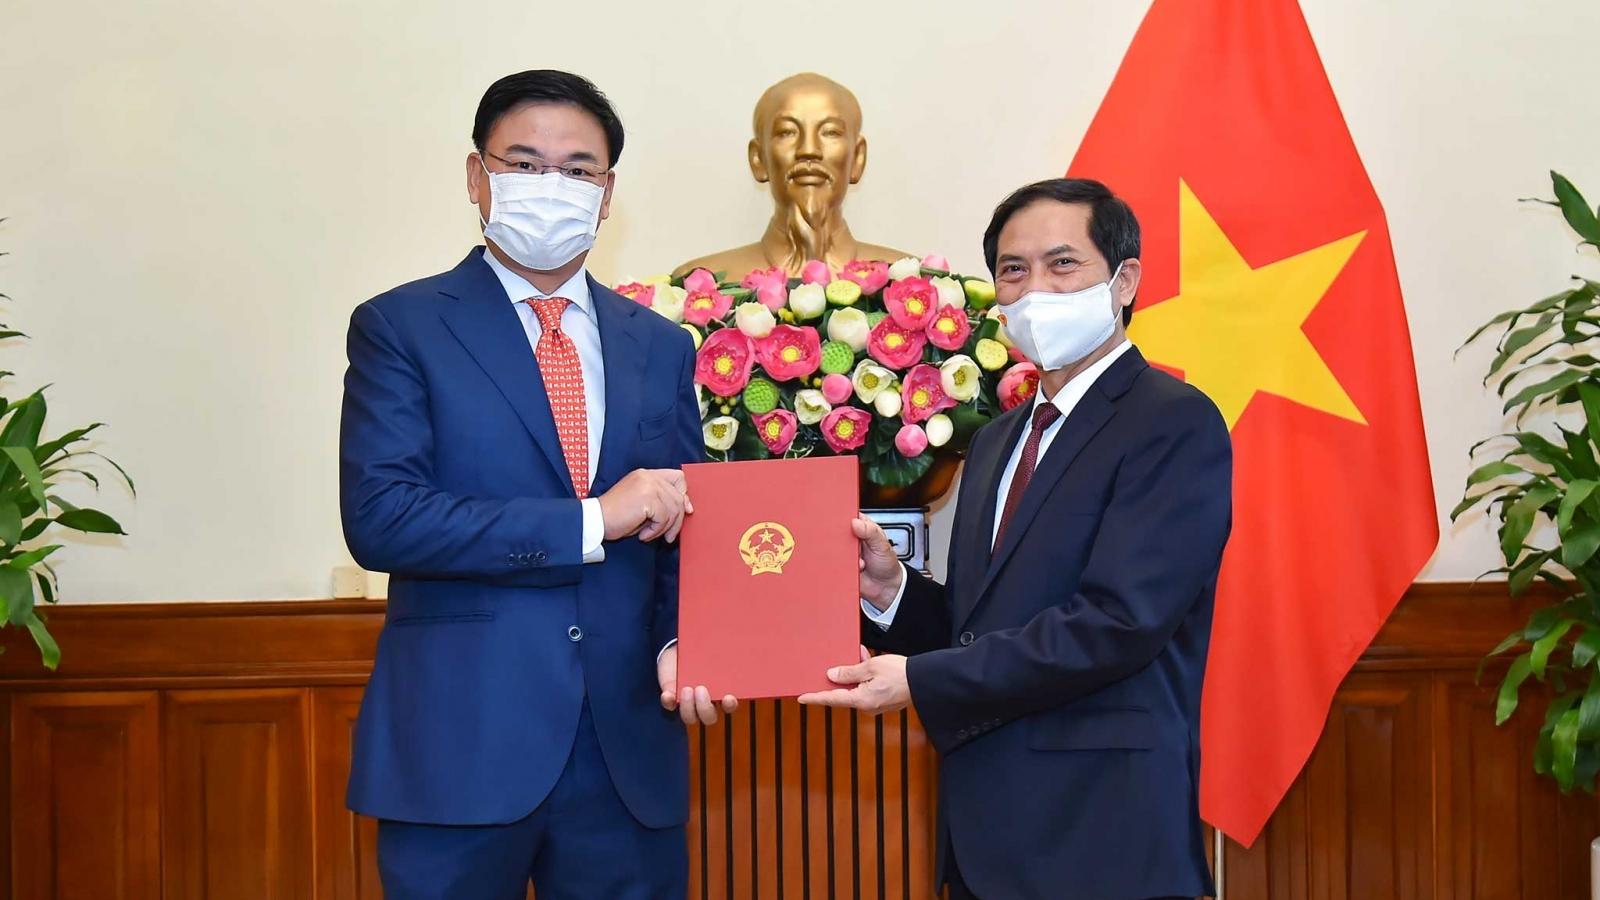 Ông Phạm Quang Hiệu giữ chức Thứ trưởng Bộ Ngoại giao